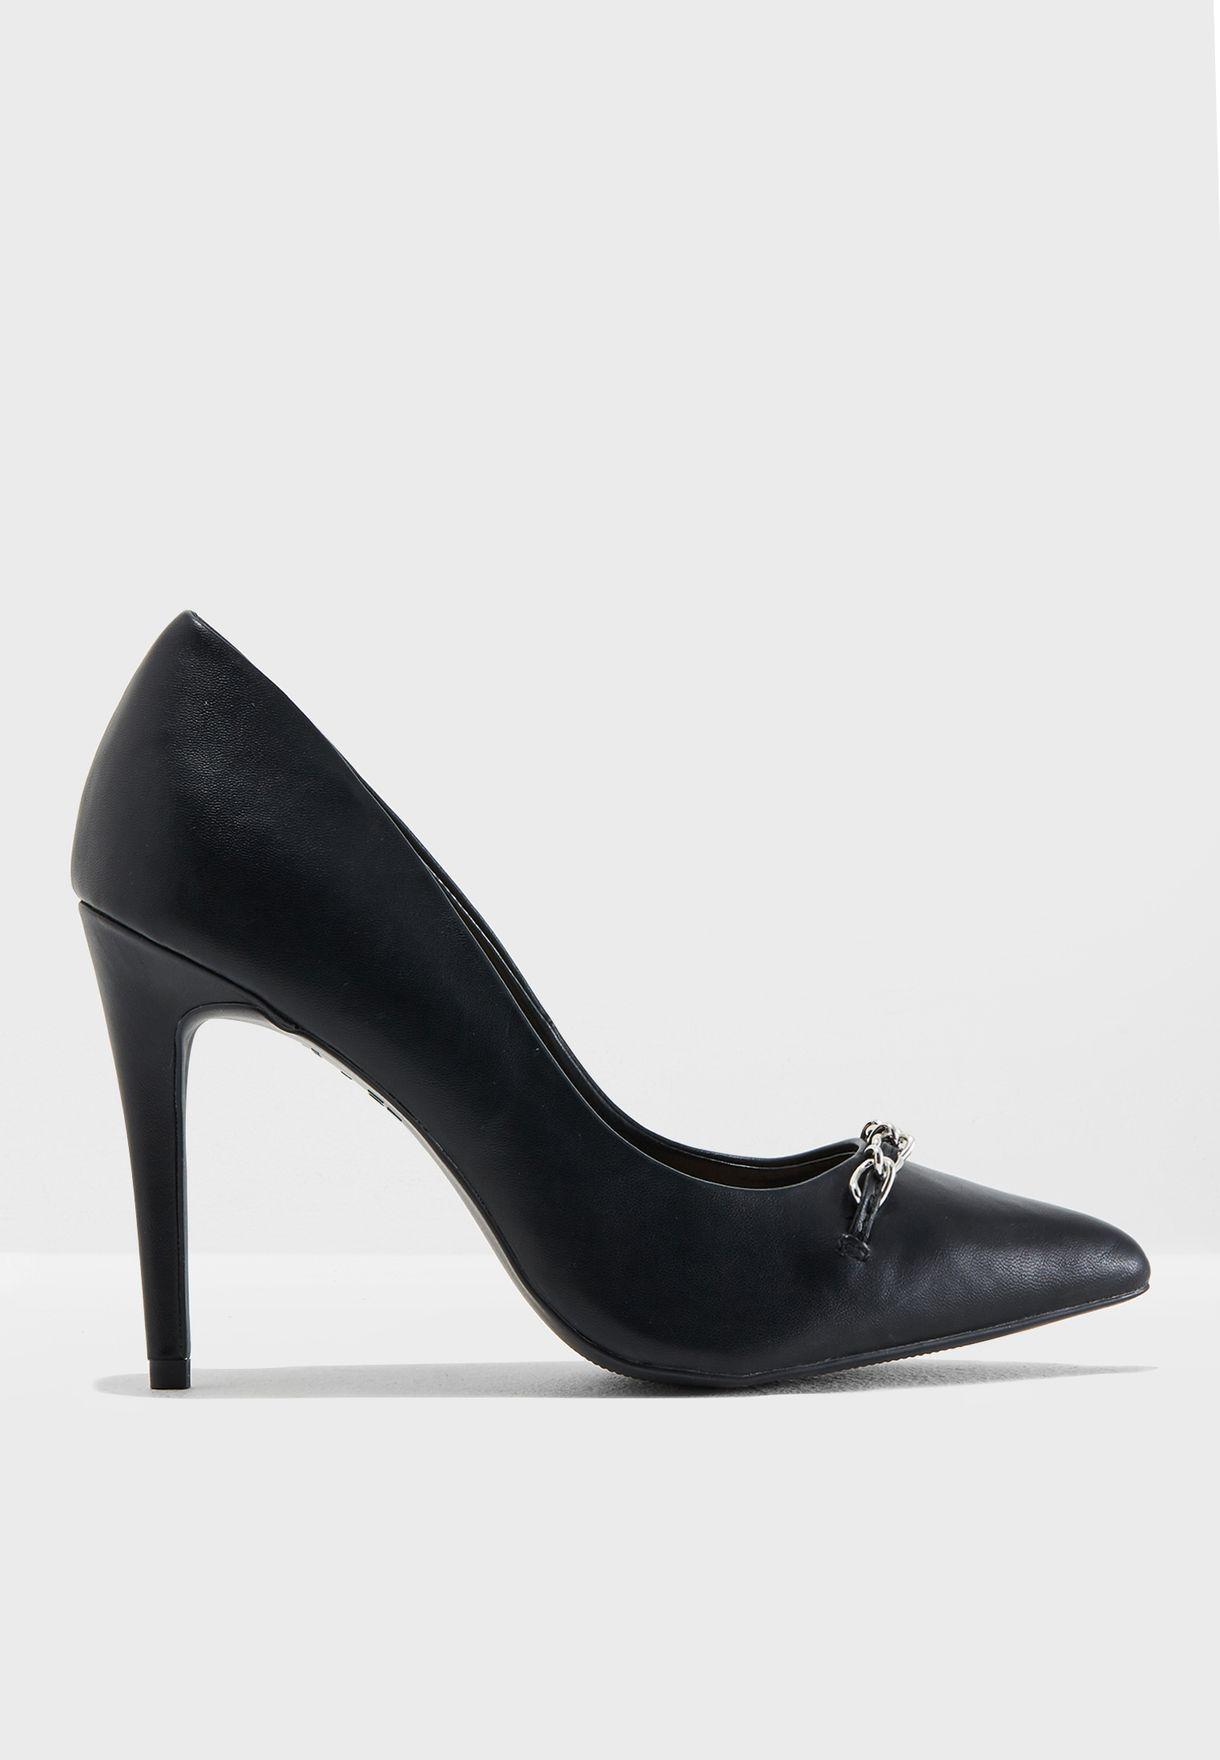 299b3ba3484e2 تسوق حذاء بكعب مستدق ماركة نيو لوك لون أسود 593282501 في السعودية ...